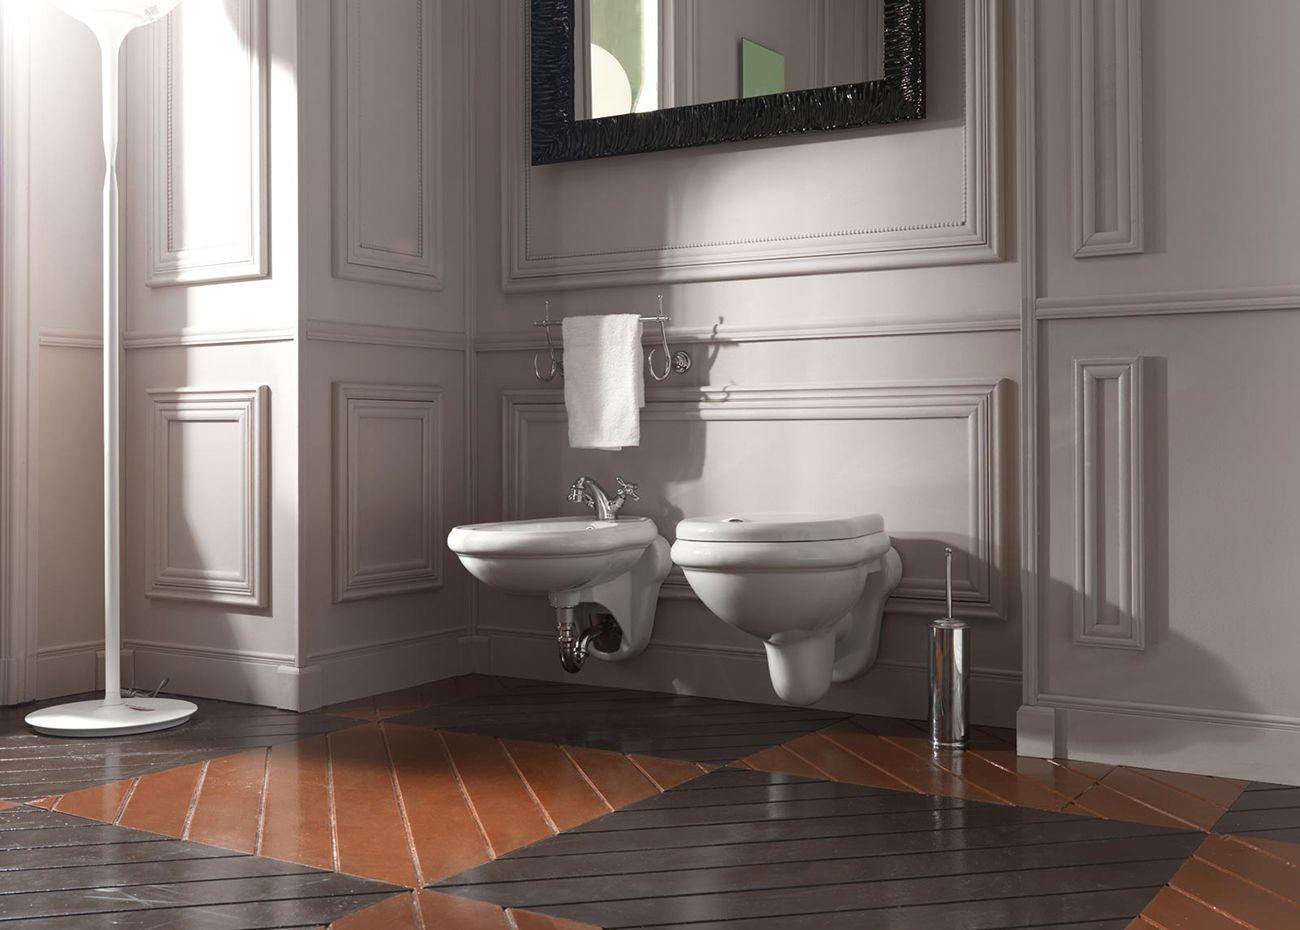 Tafel beste tafel wc poster eenvoudige mooie decoratie ideeën